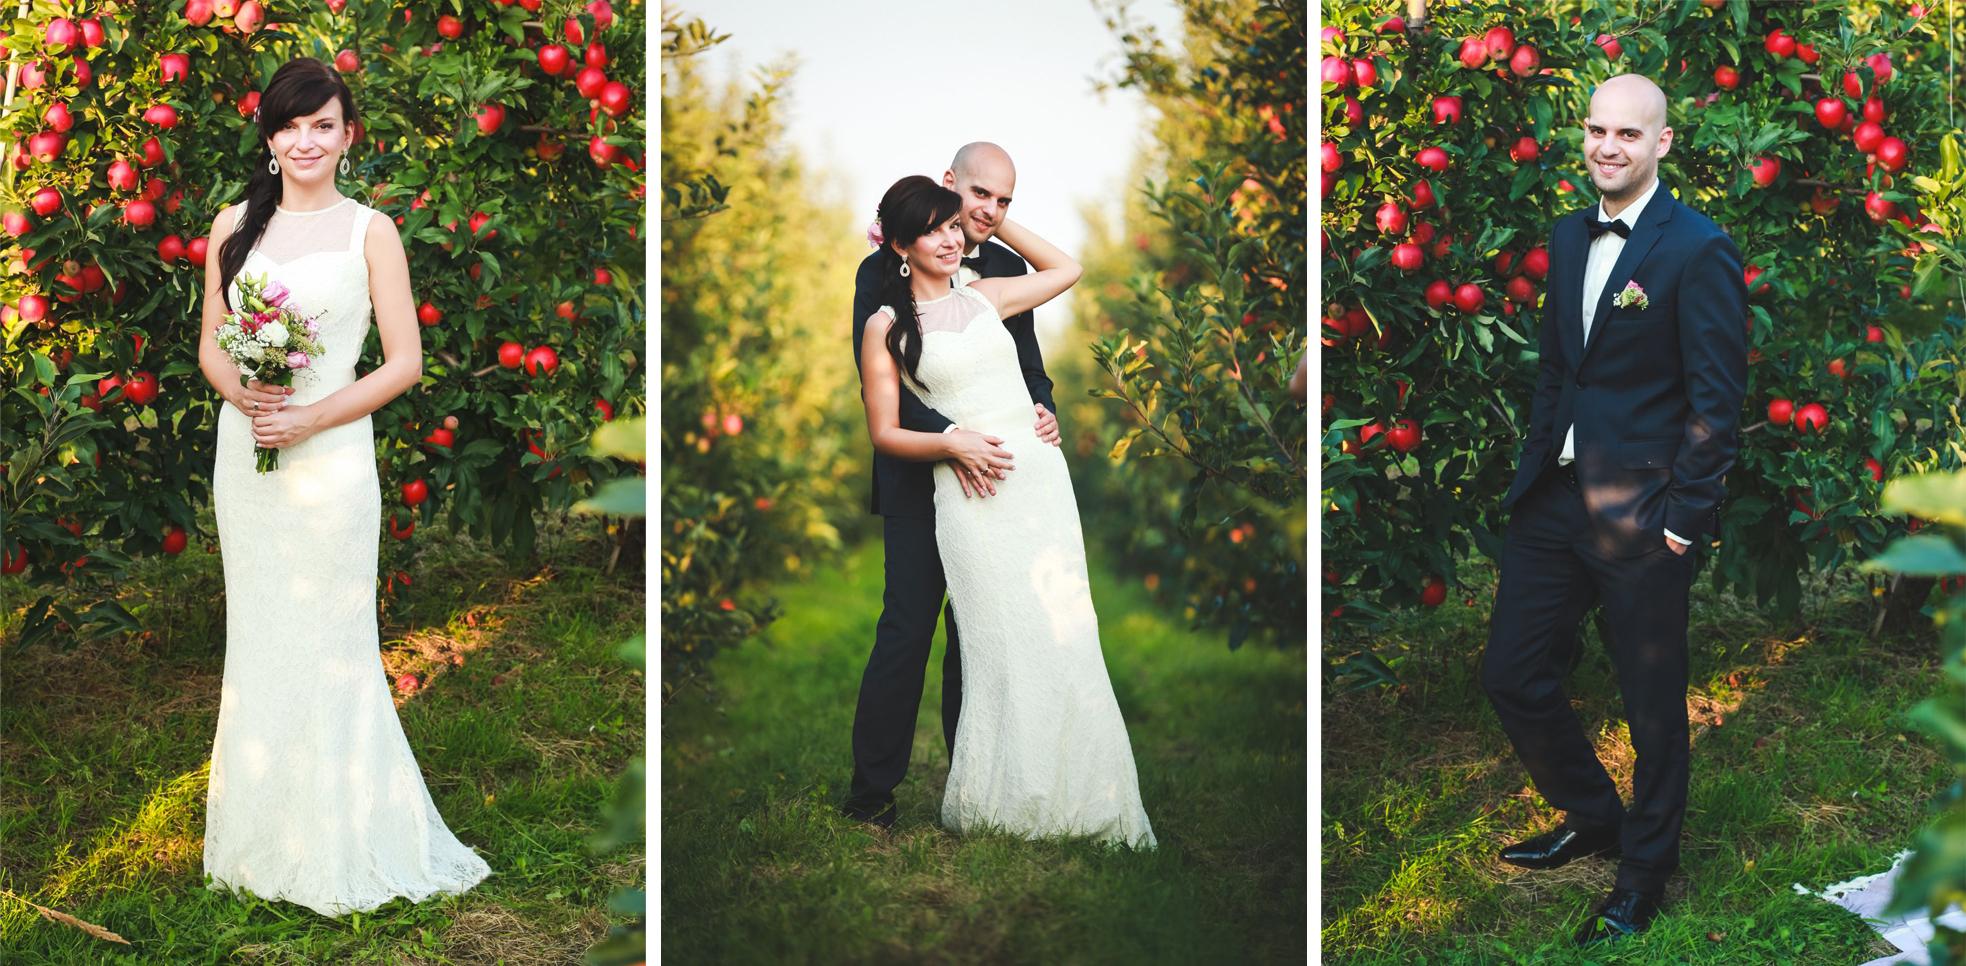 Fotograf ślubny Katowice plener poslubny w sadzie